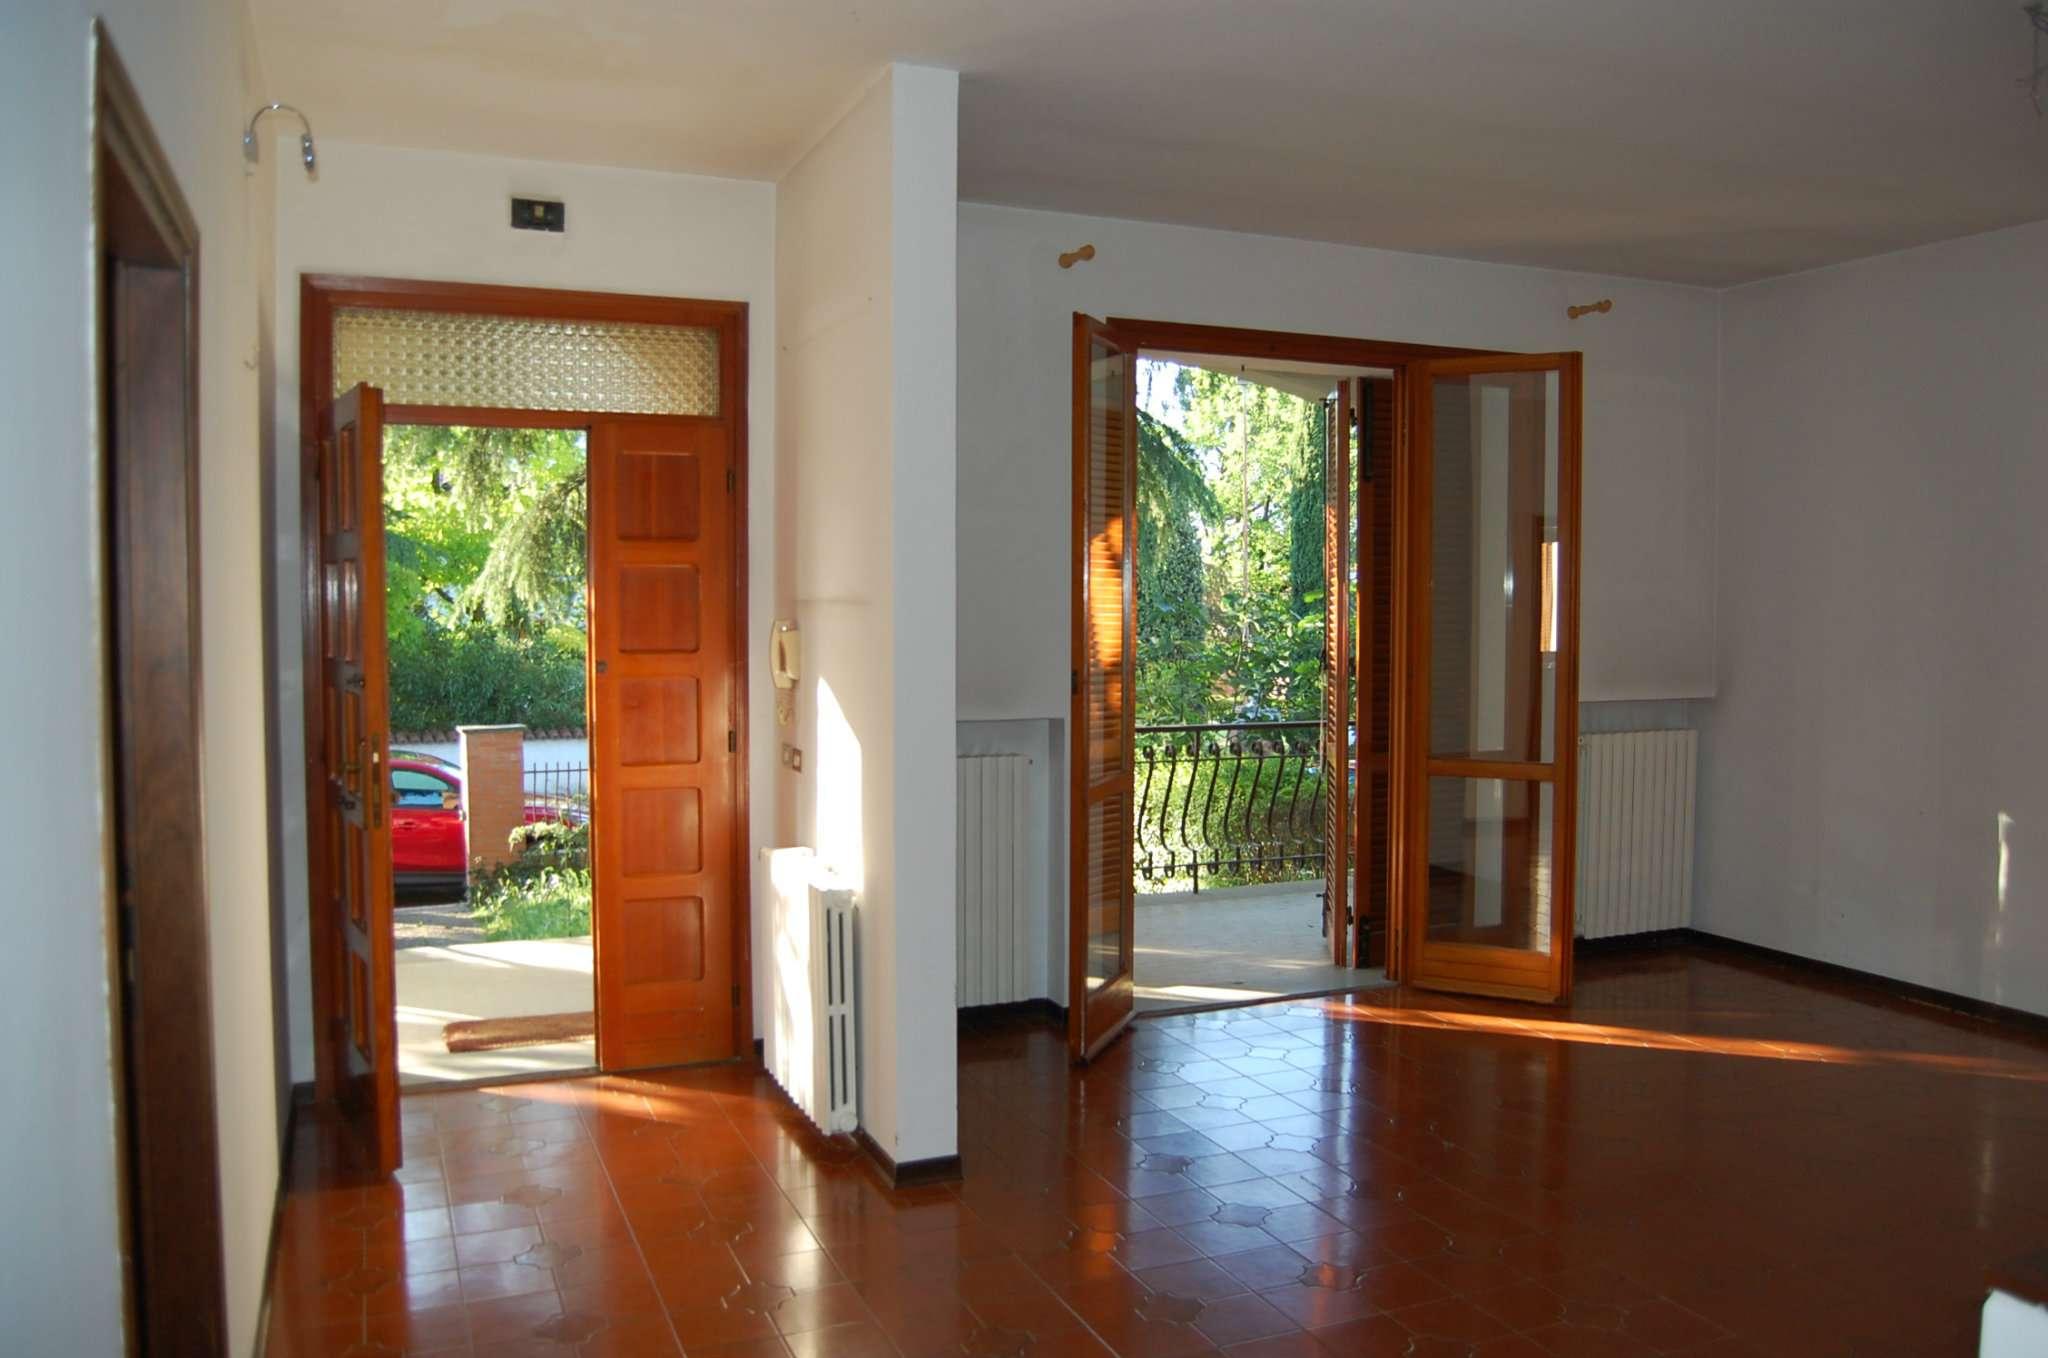 Soluzione Semindipendente in affitto a Imola, 5 locali, prezzo € 800 | Cambio Casa.it